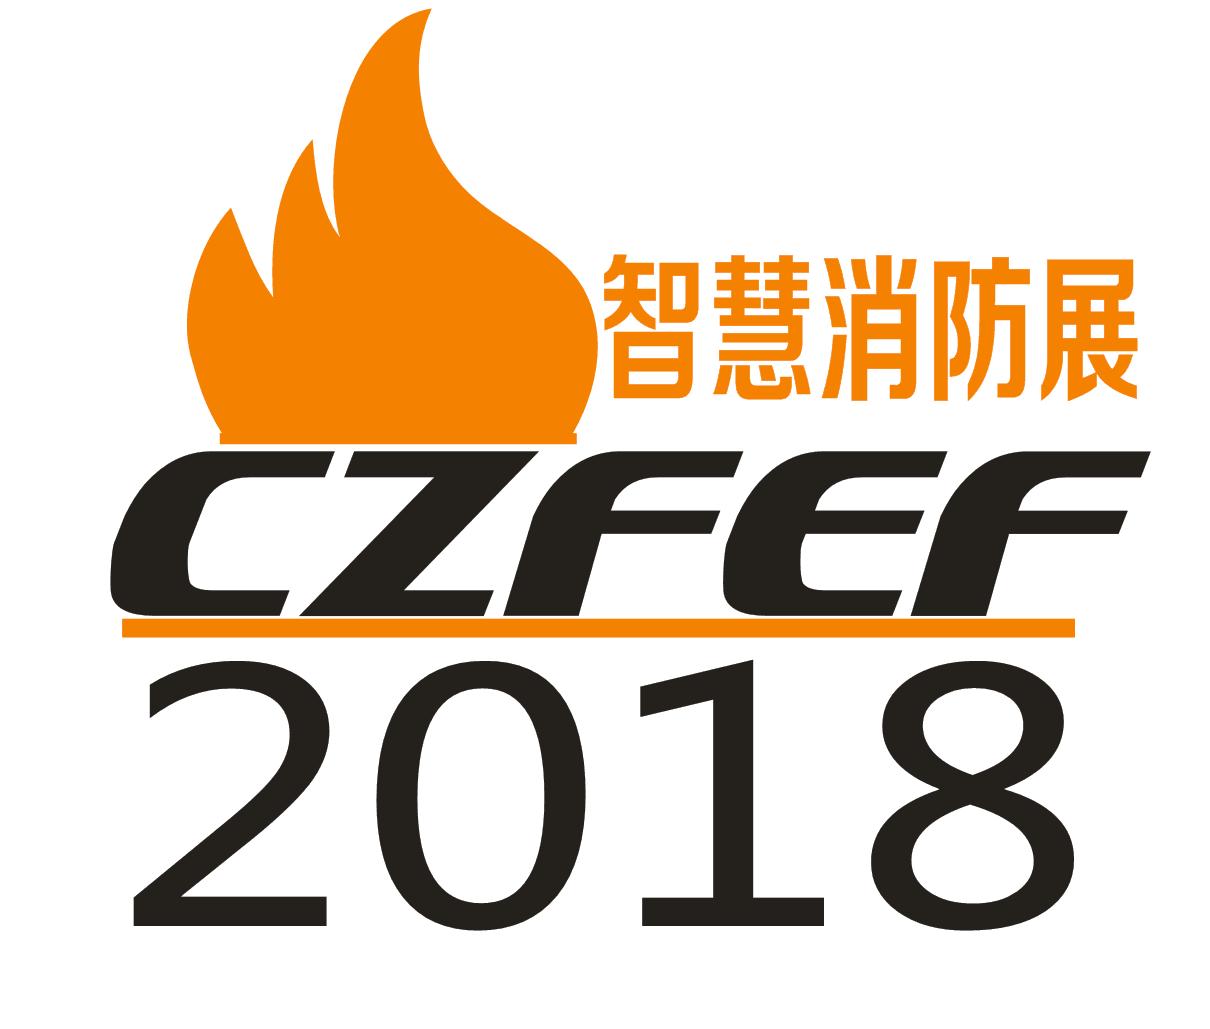 2018消防展会|2018的消防展览会|2018年的消防展|2018中国消防展览